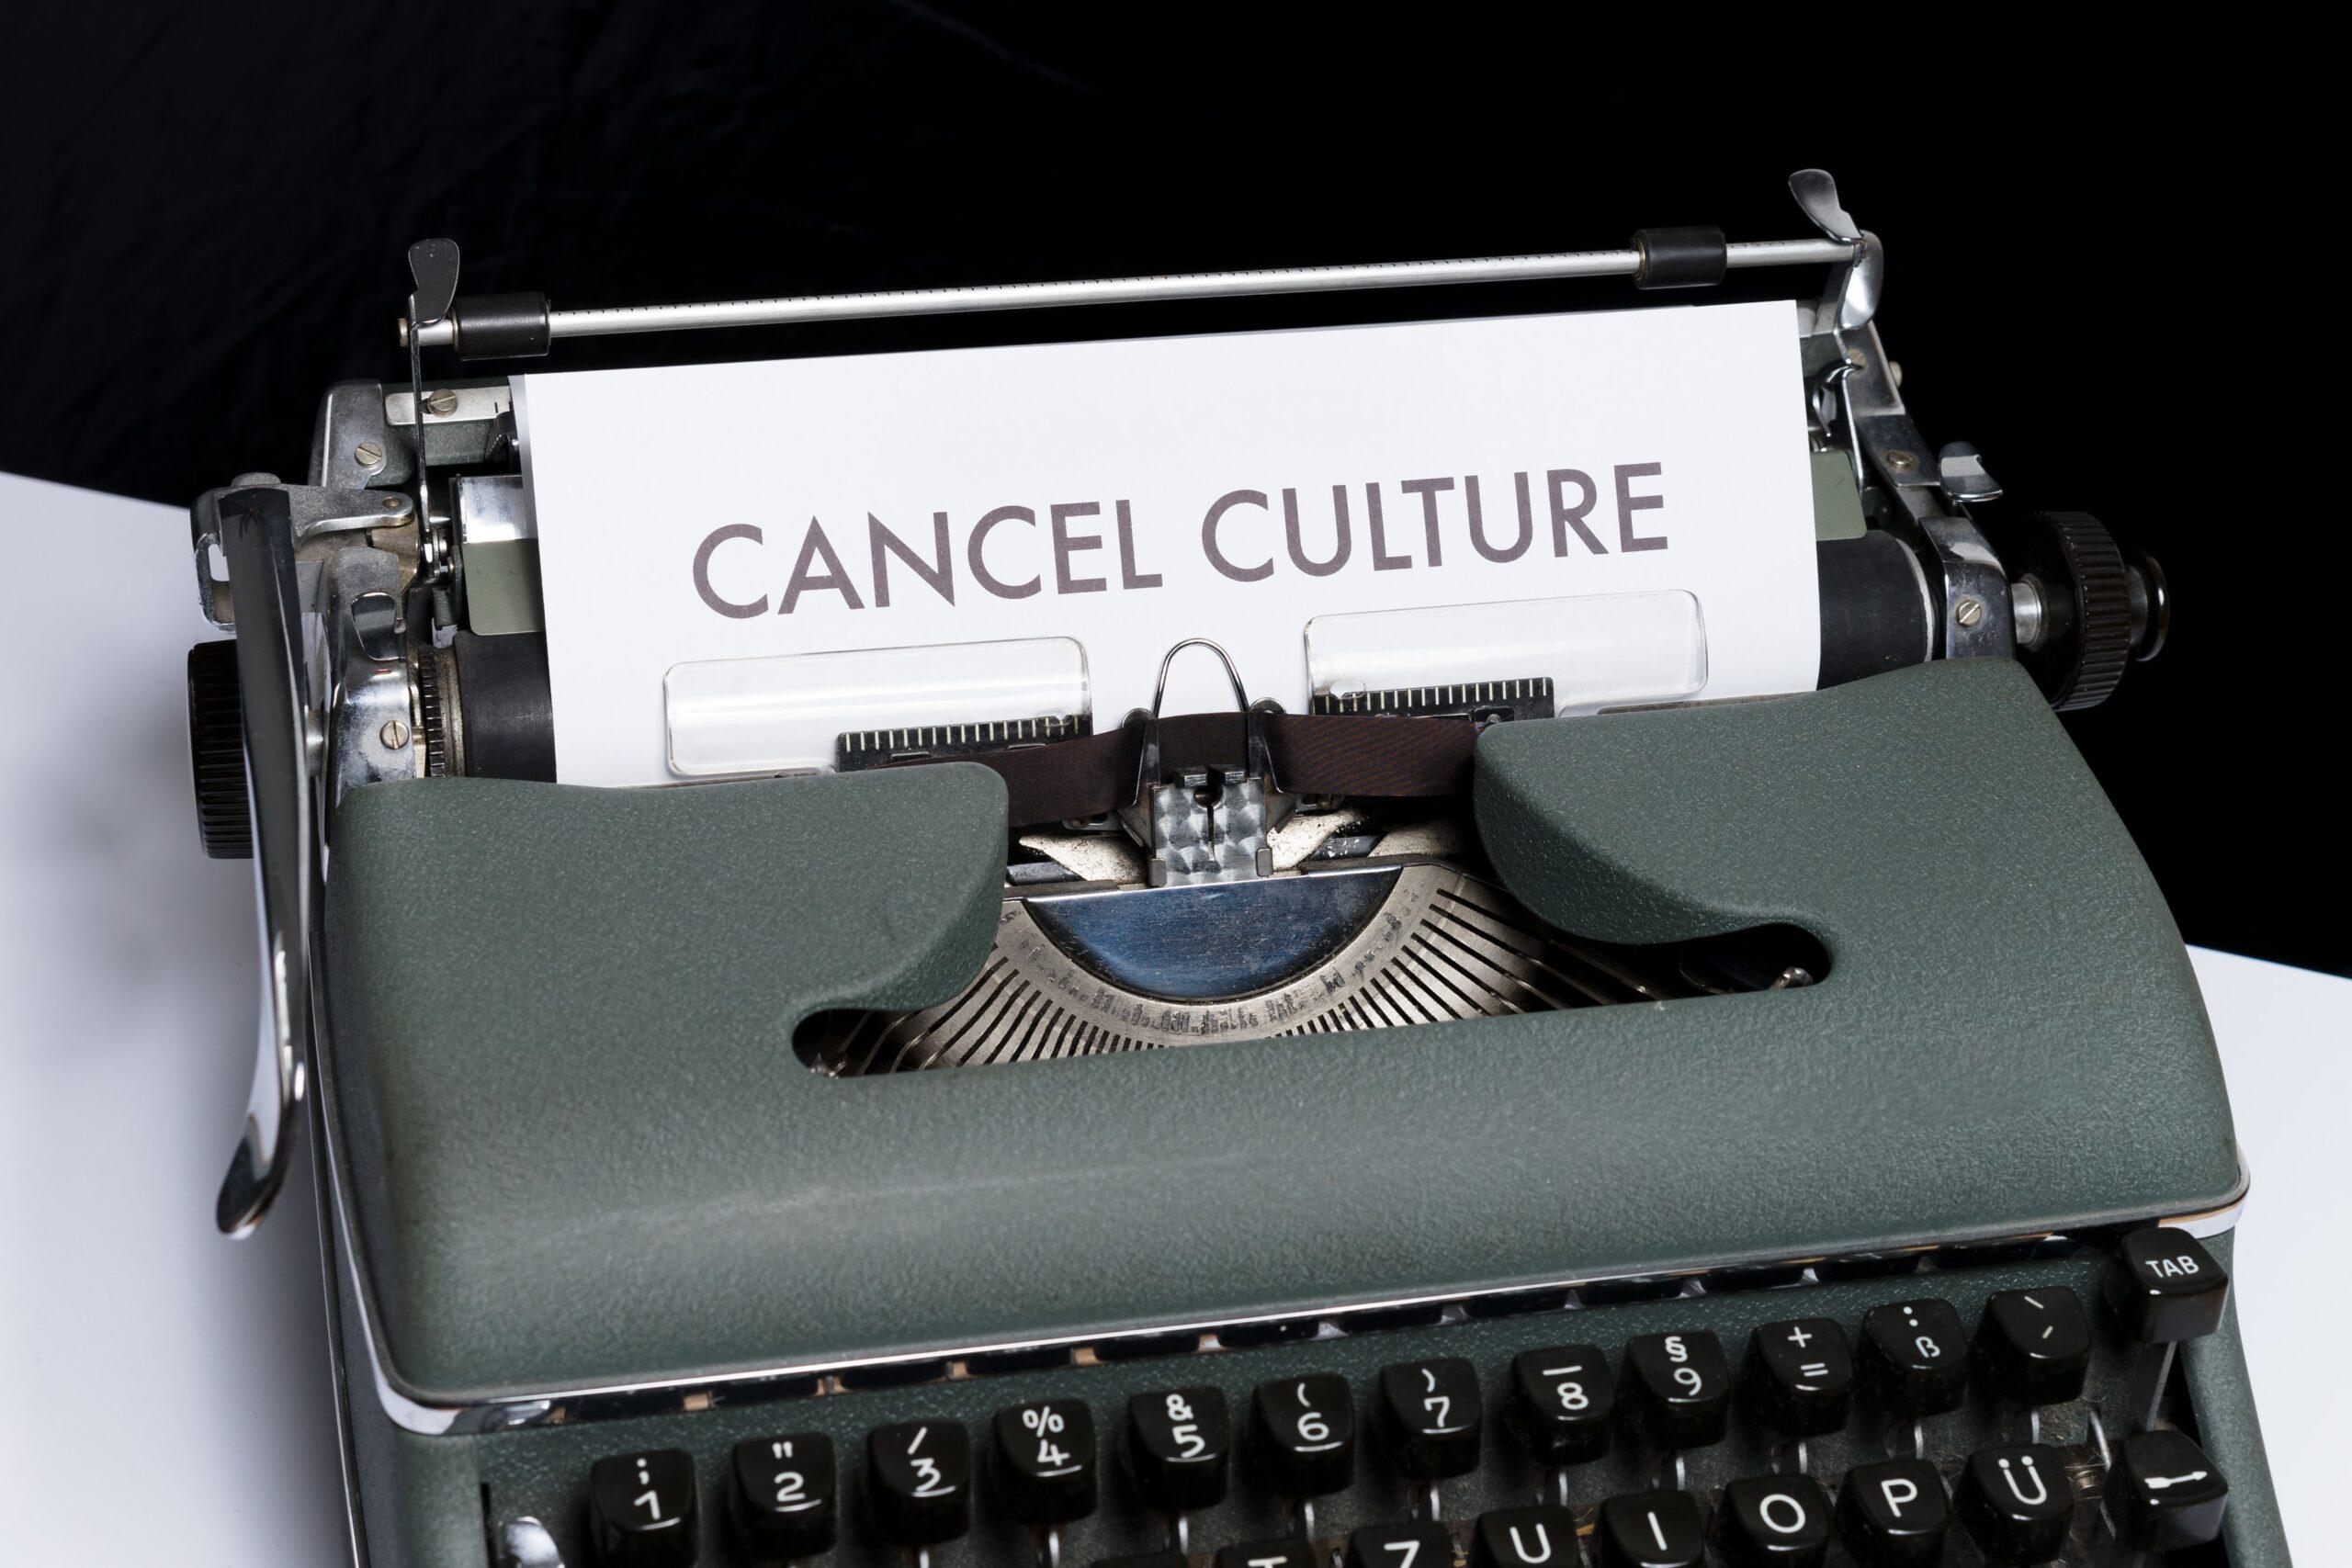 Охрана, отмена: что такое cancel culture и как она влияет на искусство